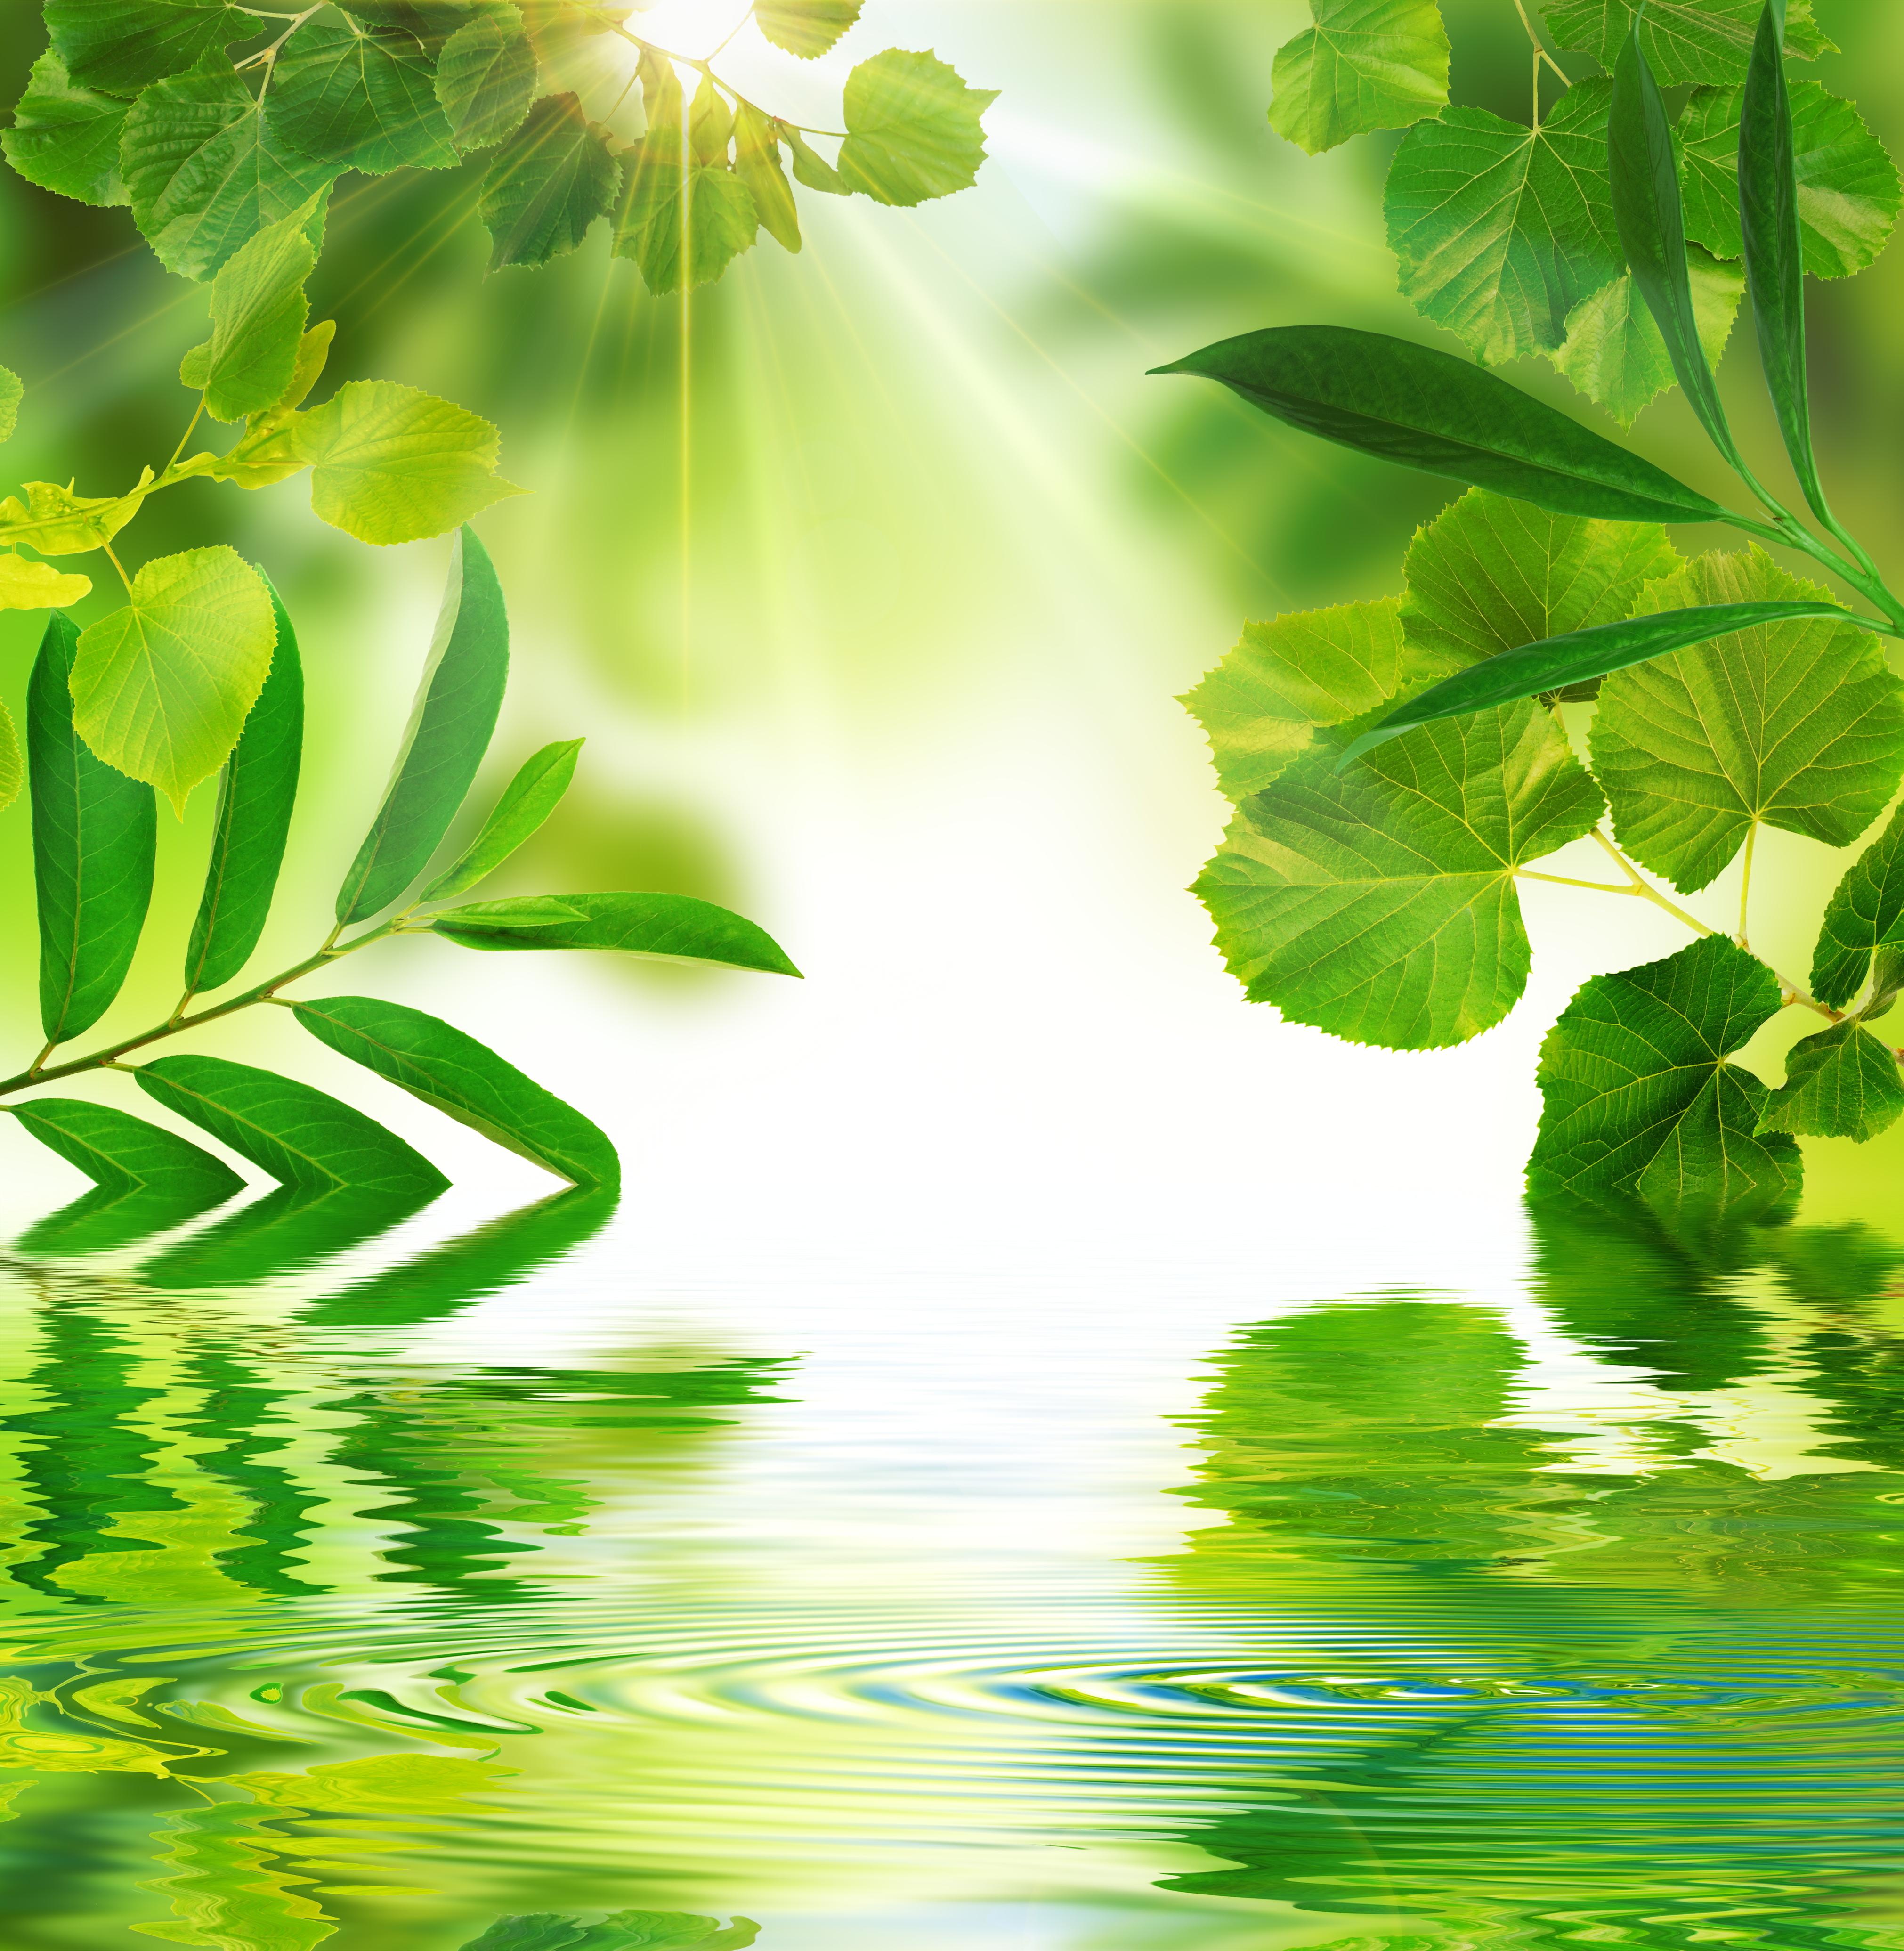 Environnement végétal